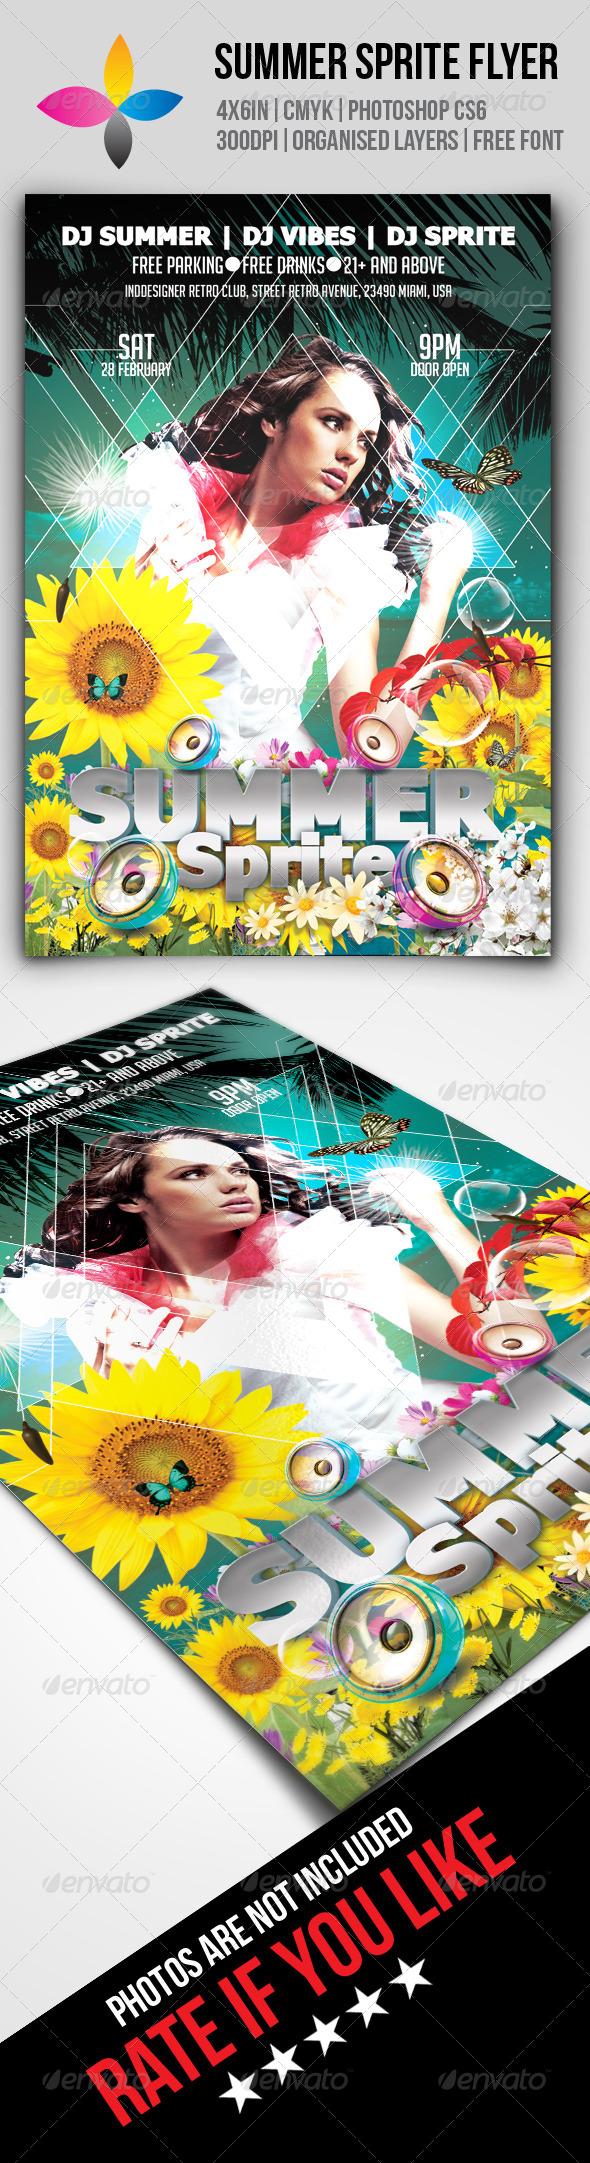 GraphicRiver Summer Sprite Flyer 7977200